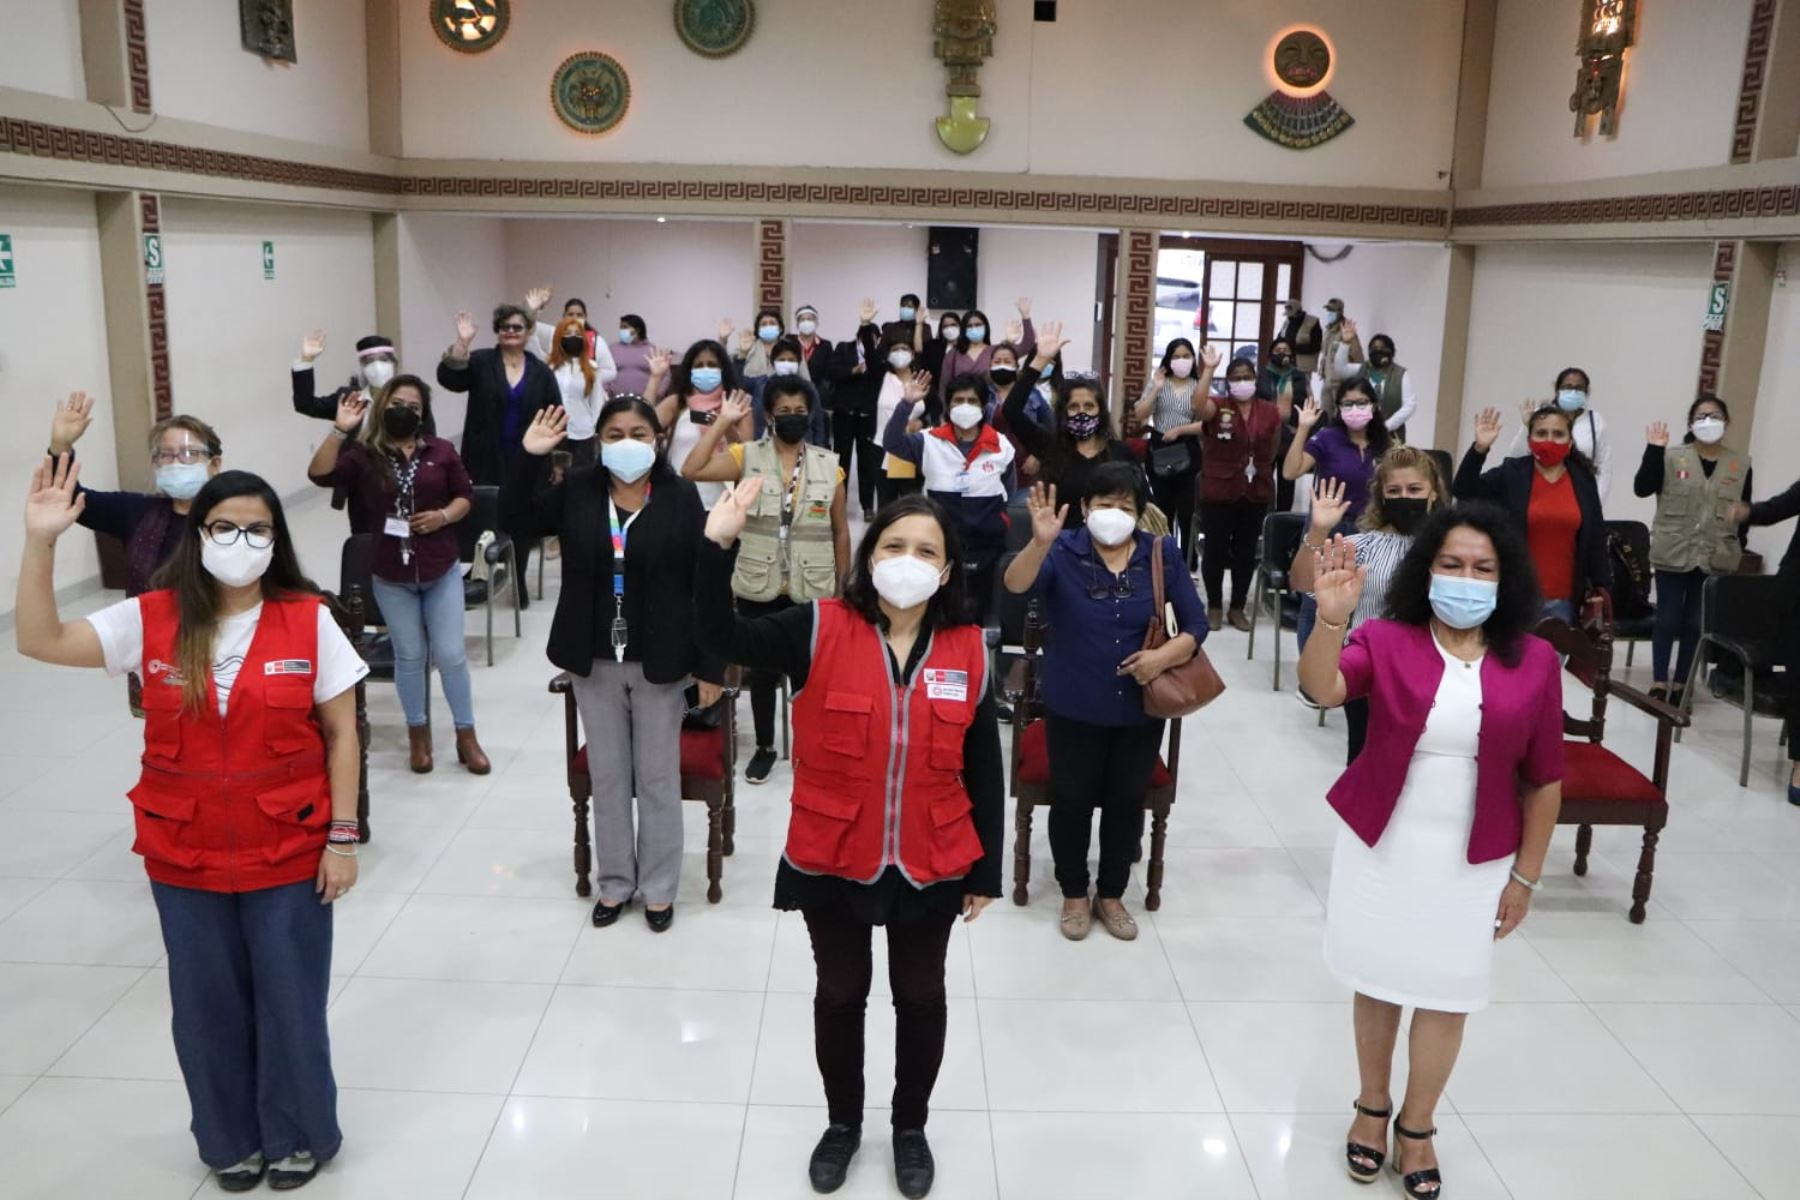 """La ministra de la Mujer y Poblaciones Vulnerables, Anahí Durand,  encabezó """"Dialogando Juntas"""", encuentro del MIMP con las mujeres organizadas de la región. Foto: MIMP"""